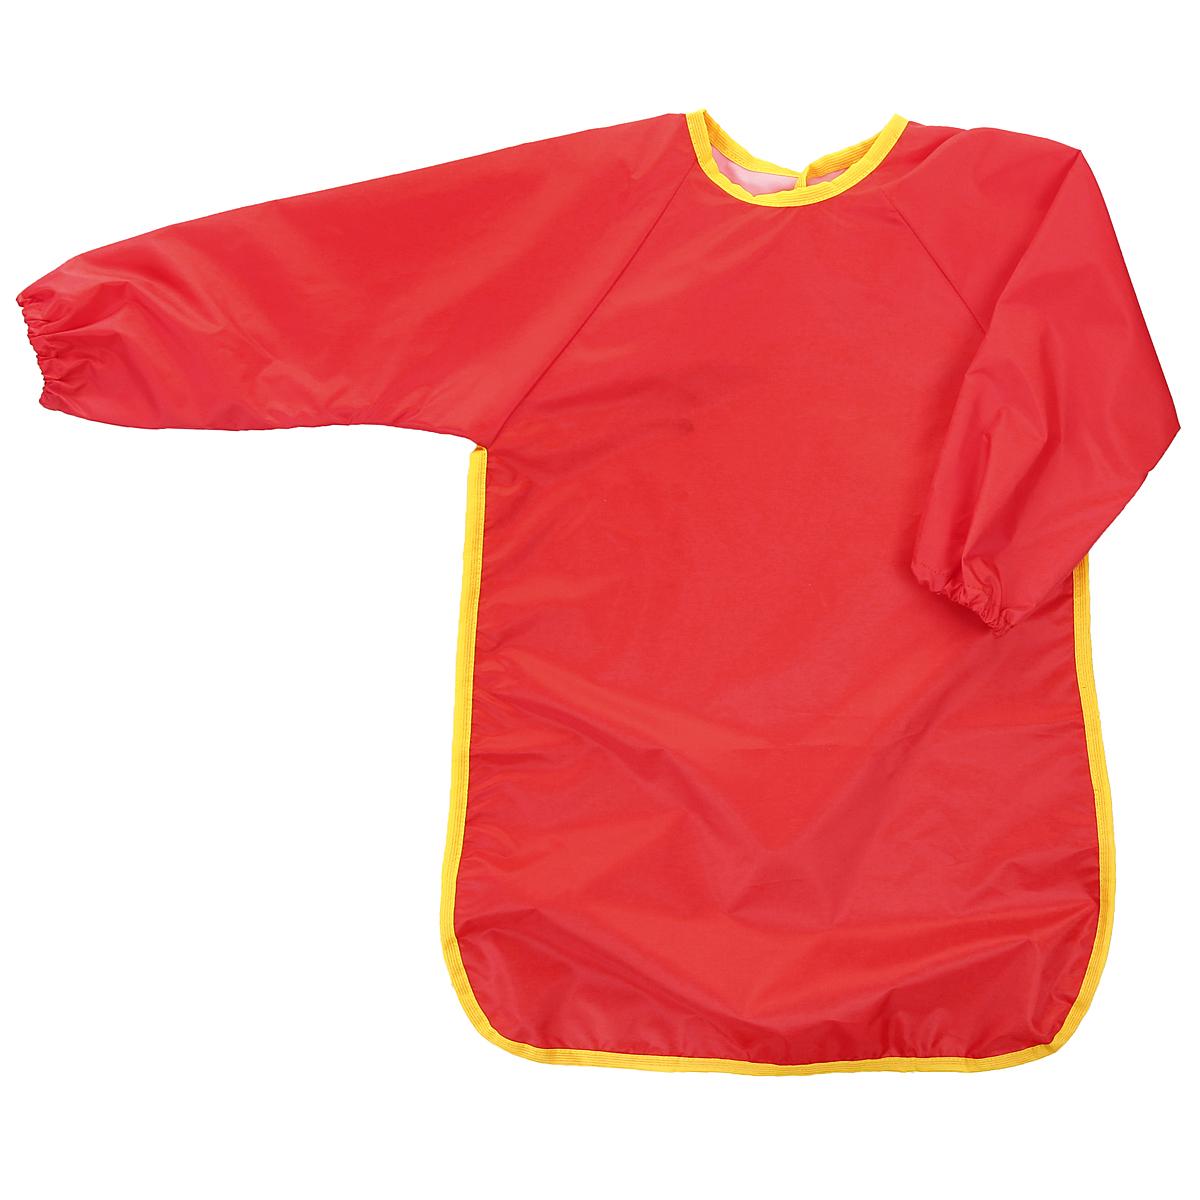 """Универсальный фартук для детского творчества """"Спортбэби"""" надежно защитит одежду и руки ребенка во время занятий рисованием, лепкой и ручным трудом. Фартук с двумя рукавами изготовлен из плотного полиэстера красного цвета. Он надевается спереди как накидка и застегивается на спине с помощью липучки. С фартуком """"Спортбэби"""" ваш малыш сможет смело рисовать, не боясь испачкаться о свой шедевр, лепить из пластилина и заниматься многими творческими делами. Также фартук удобен при кормлении."""